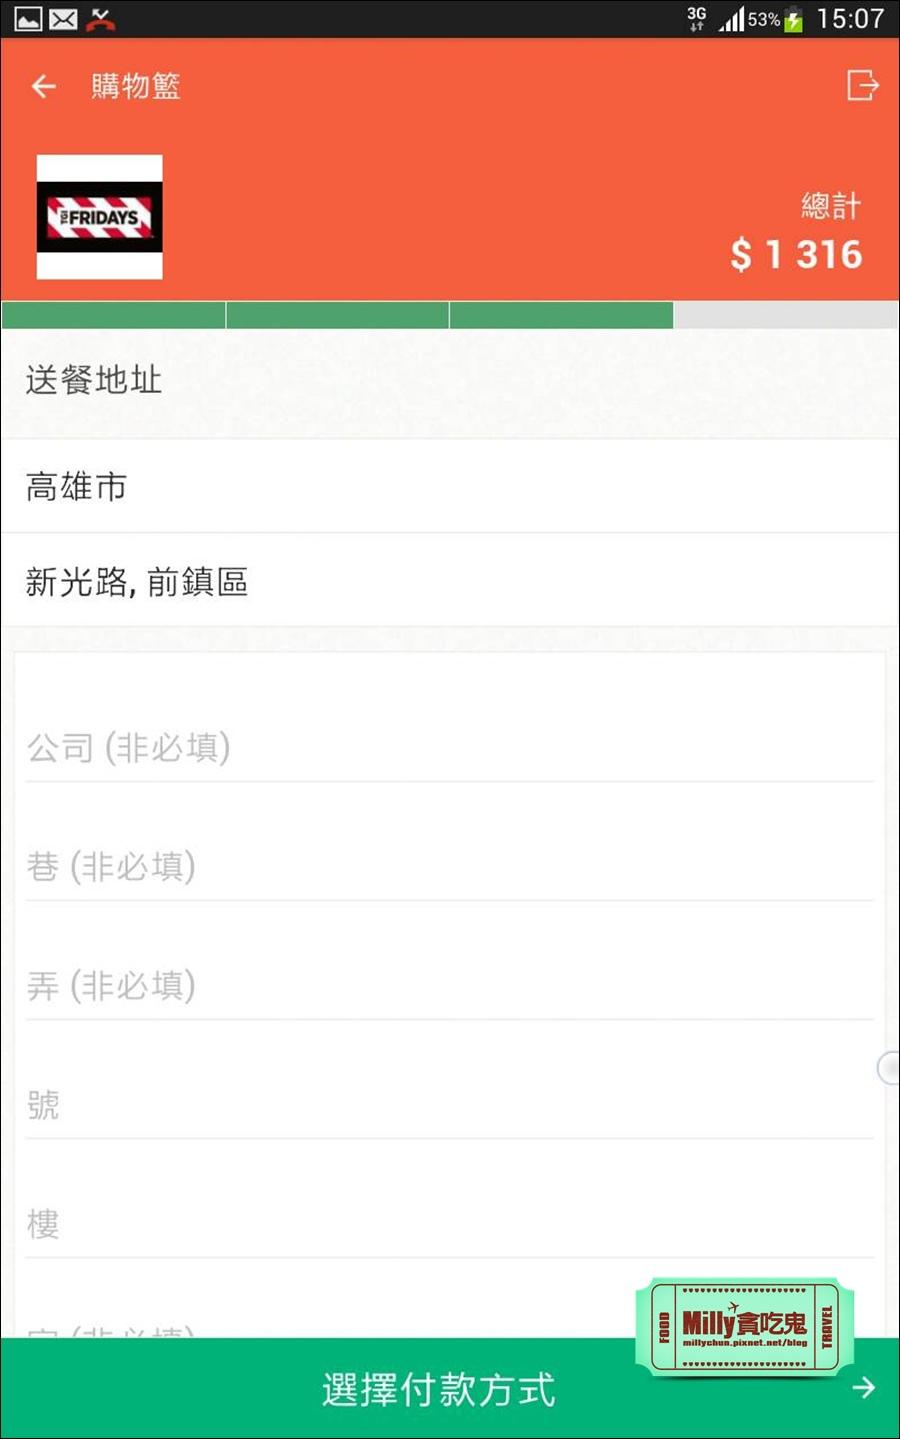 空腹熊貓app23.jpg